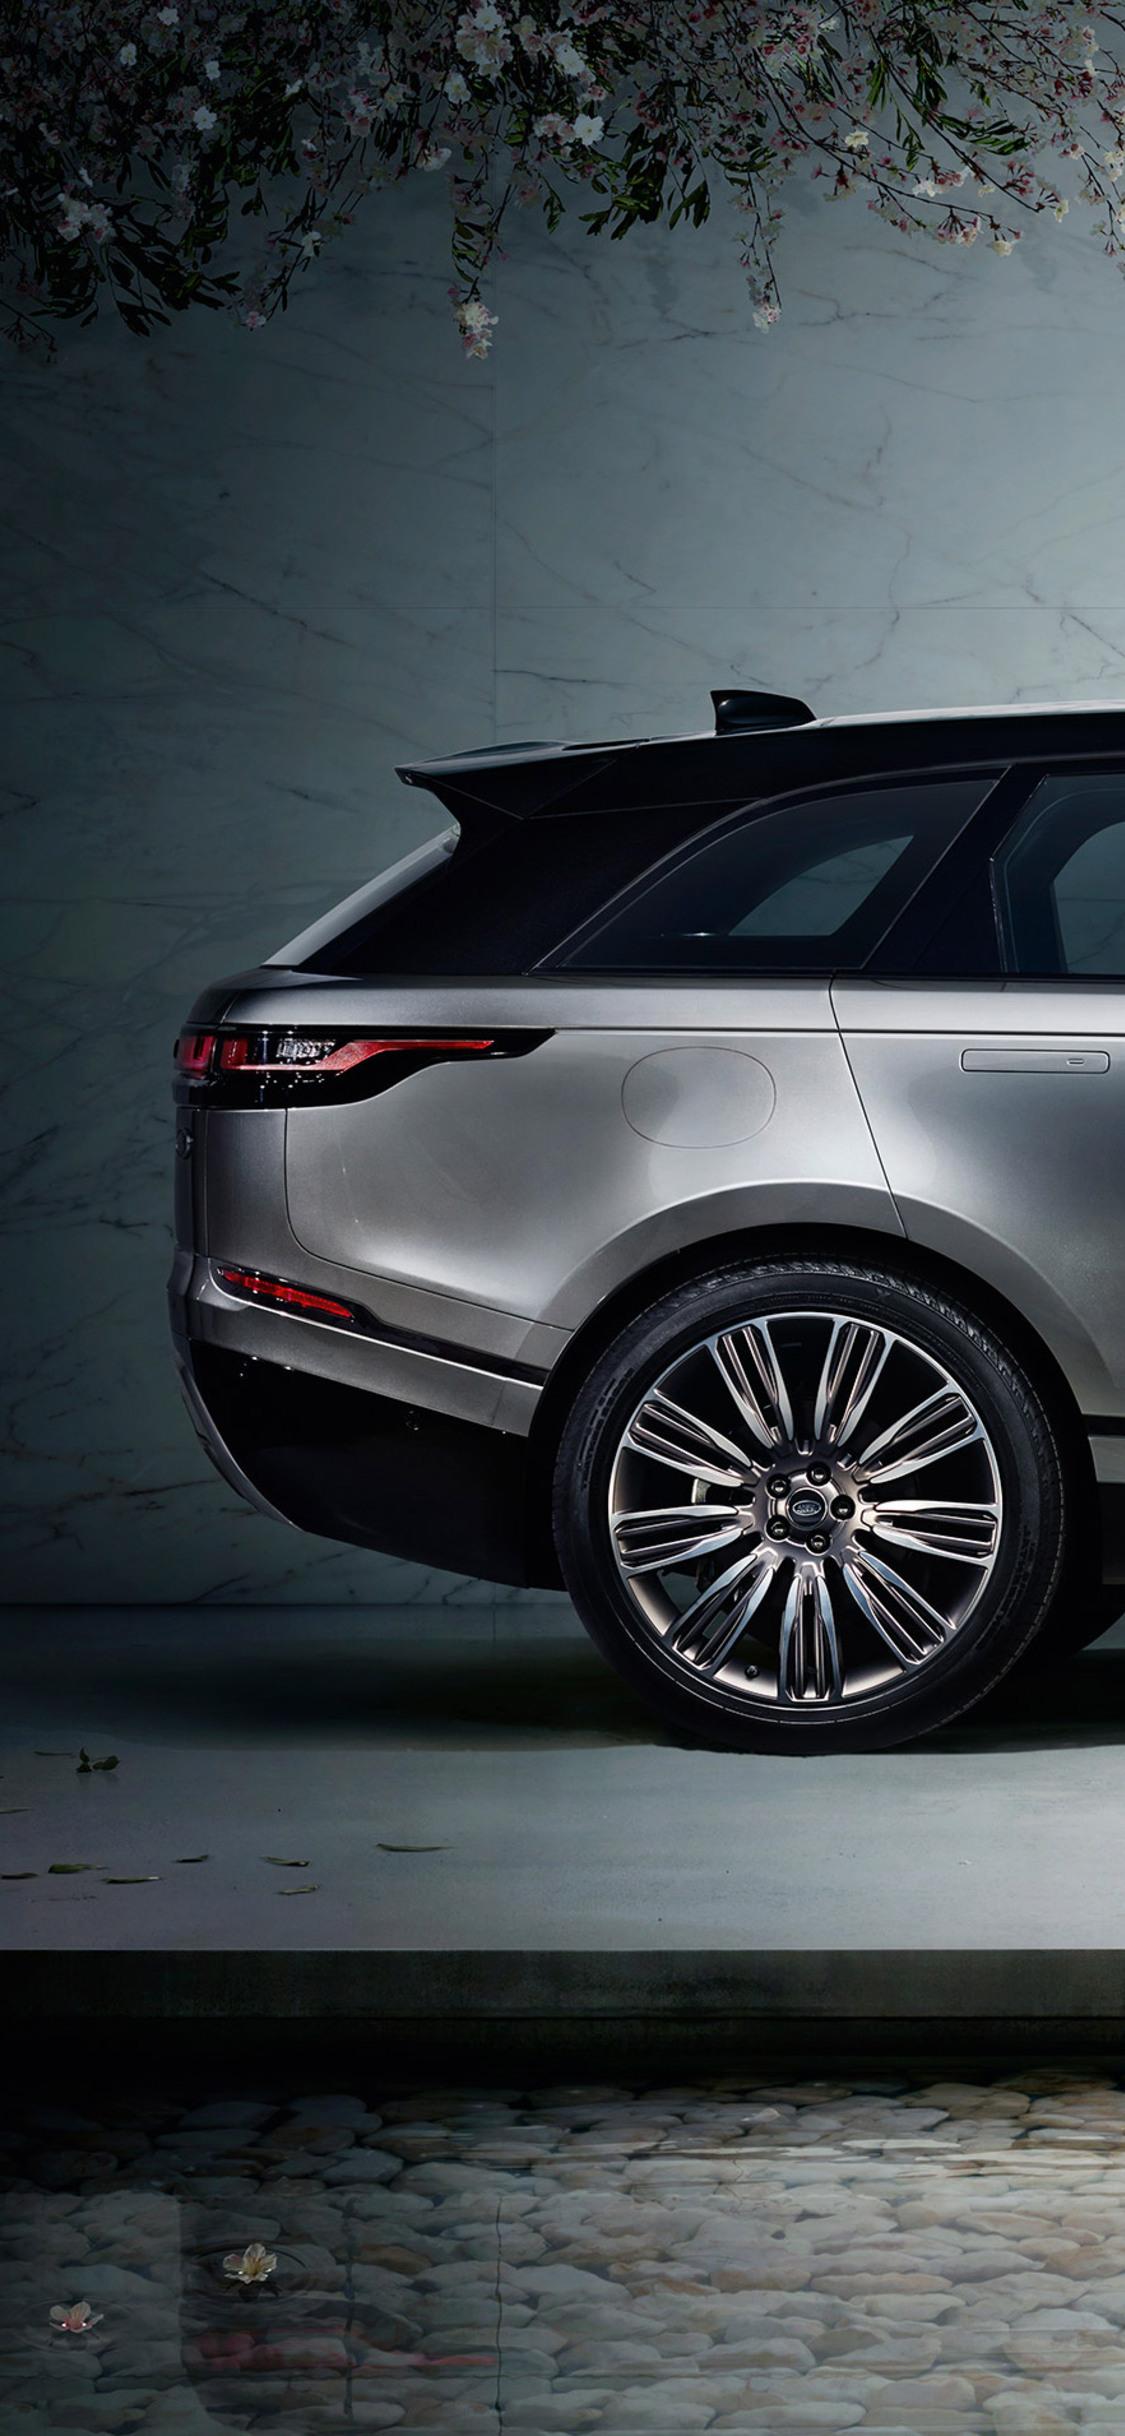 Range Rover Velar Wallpaper Iphone